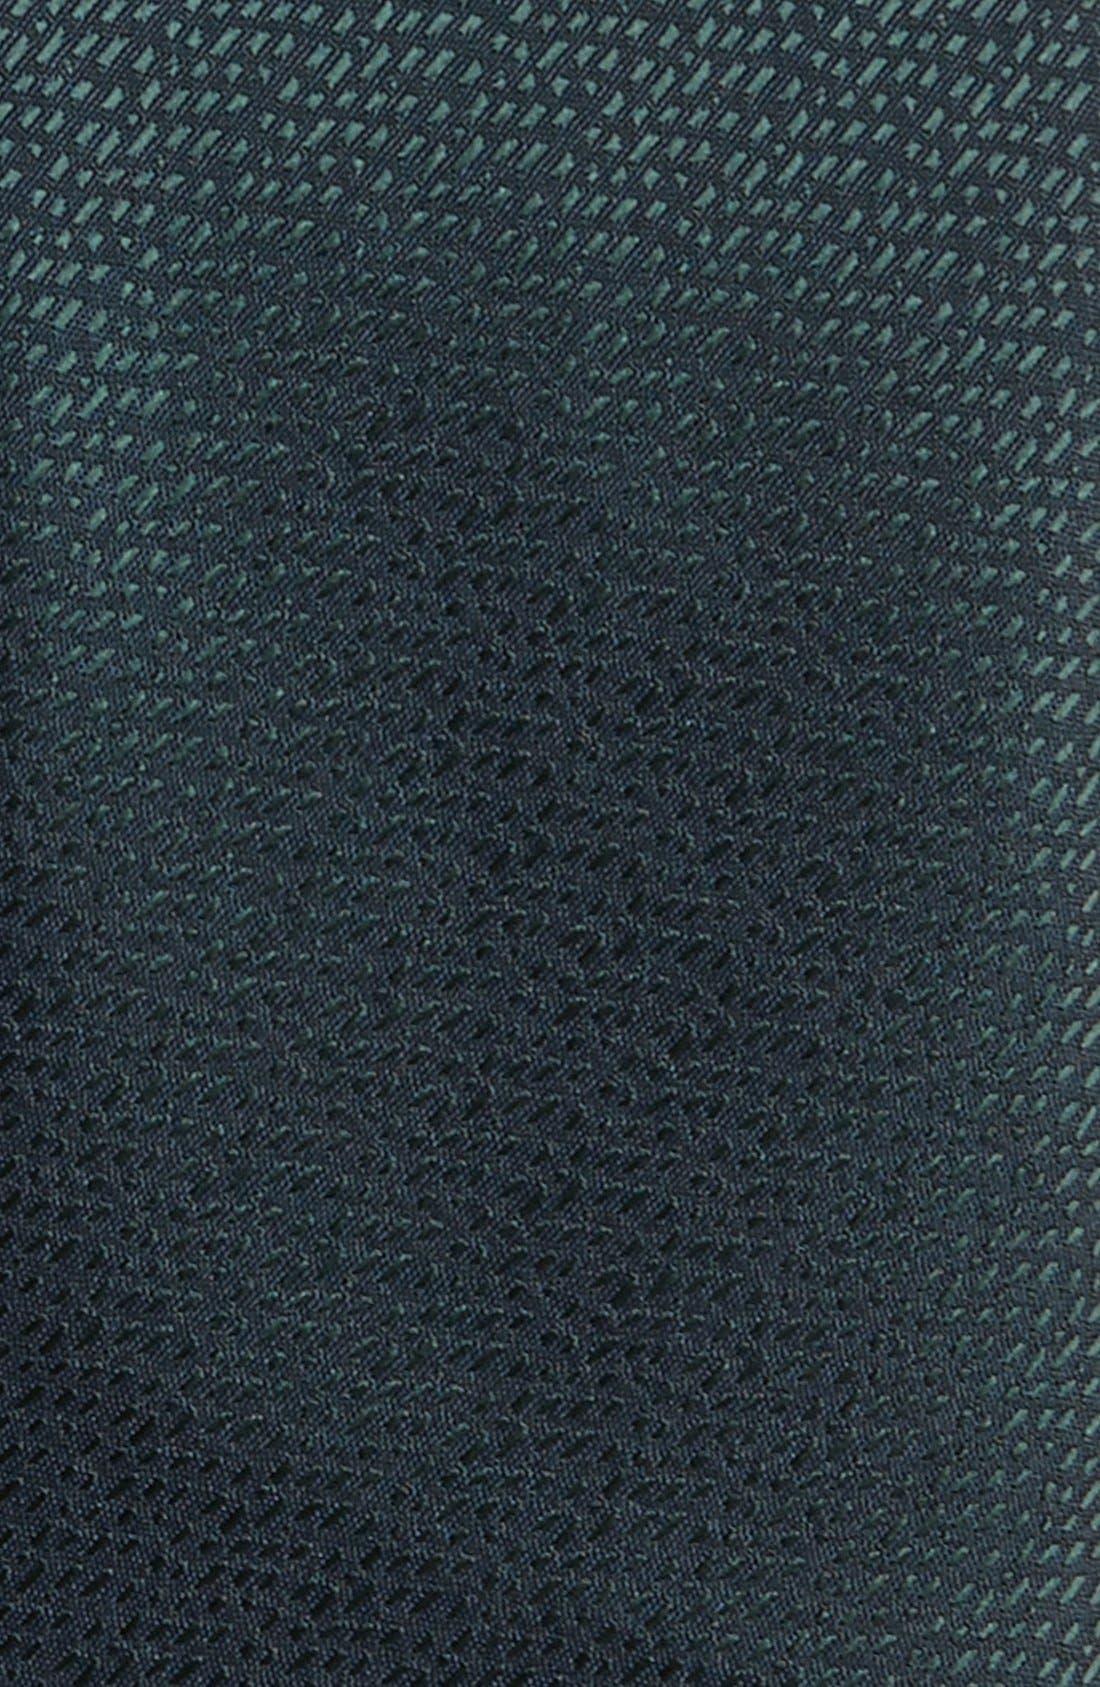 Alternate Image 2  - Topman Textured Woven Tie